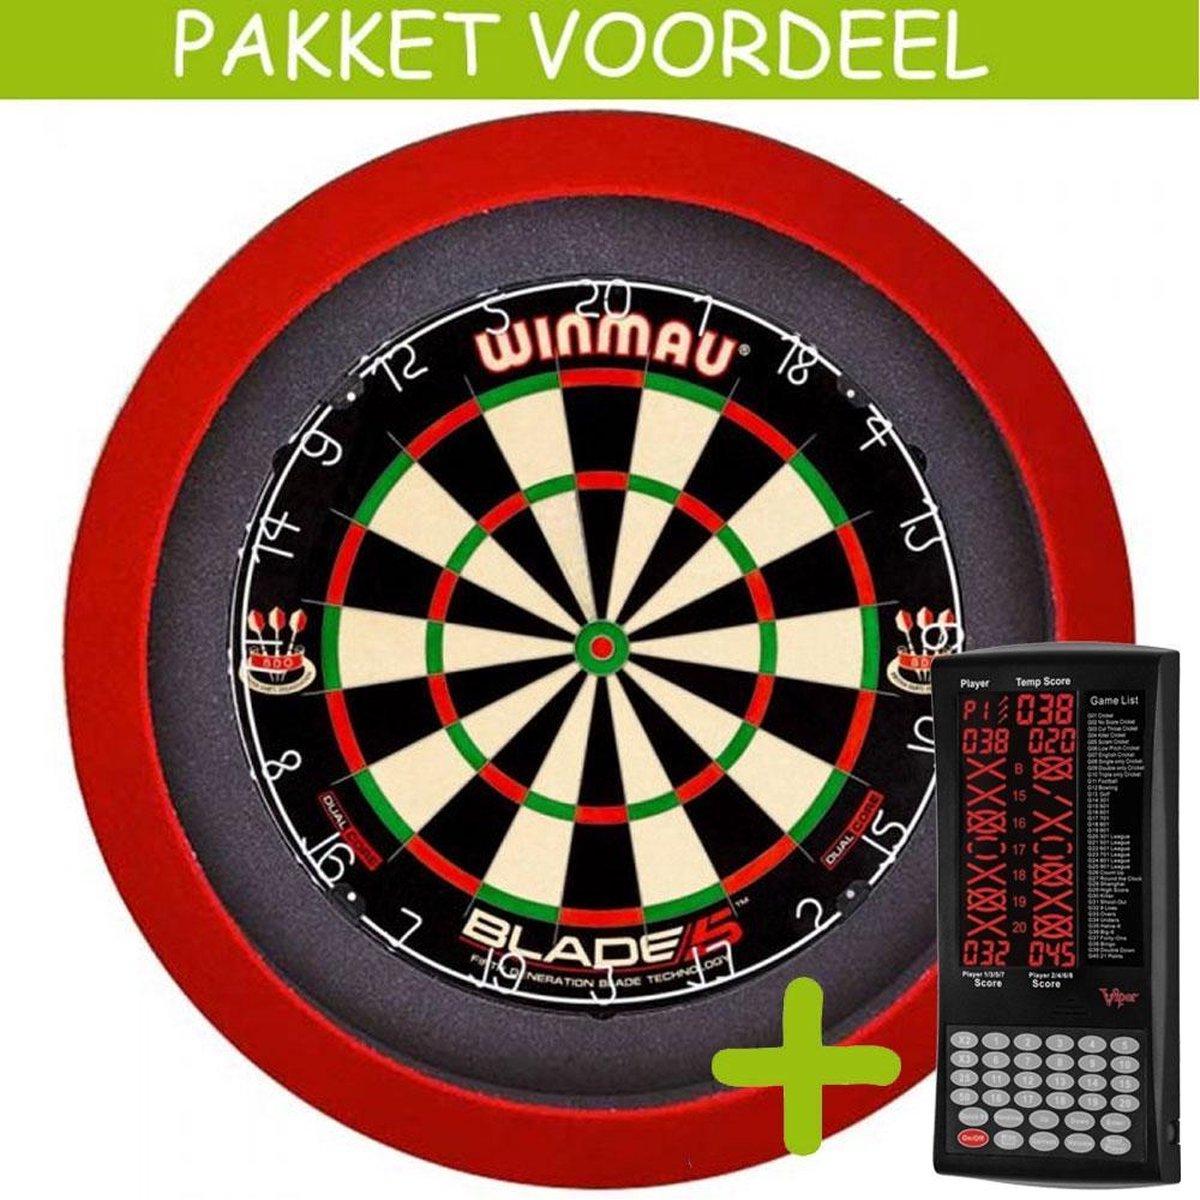 Elektronisch Dart Scorebord VoordeelPakket (Viper ) - Dual Core - Dartbordverlichting Basic (Rood)